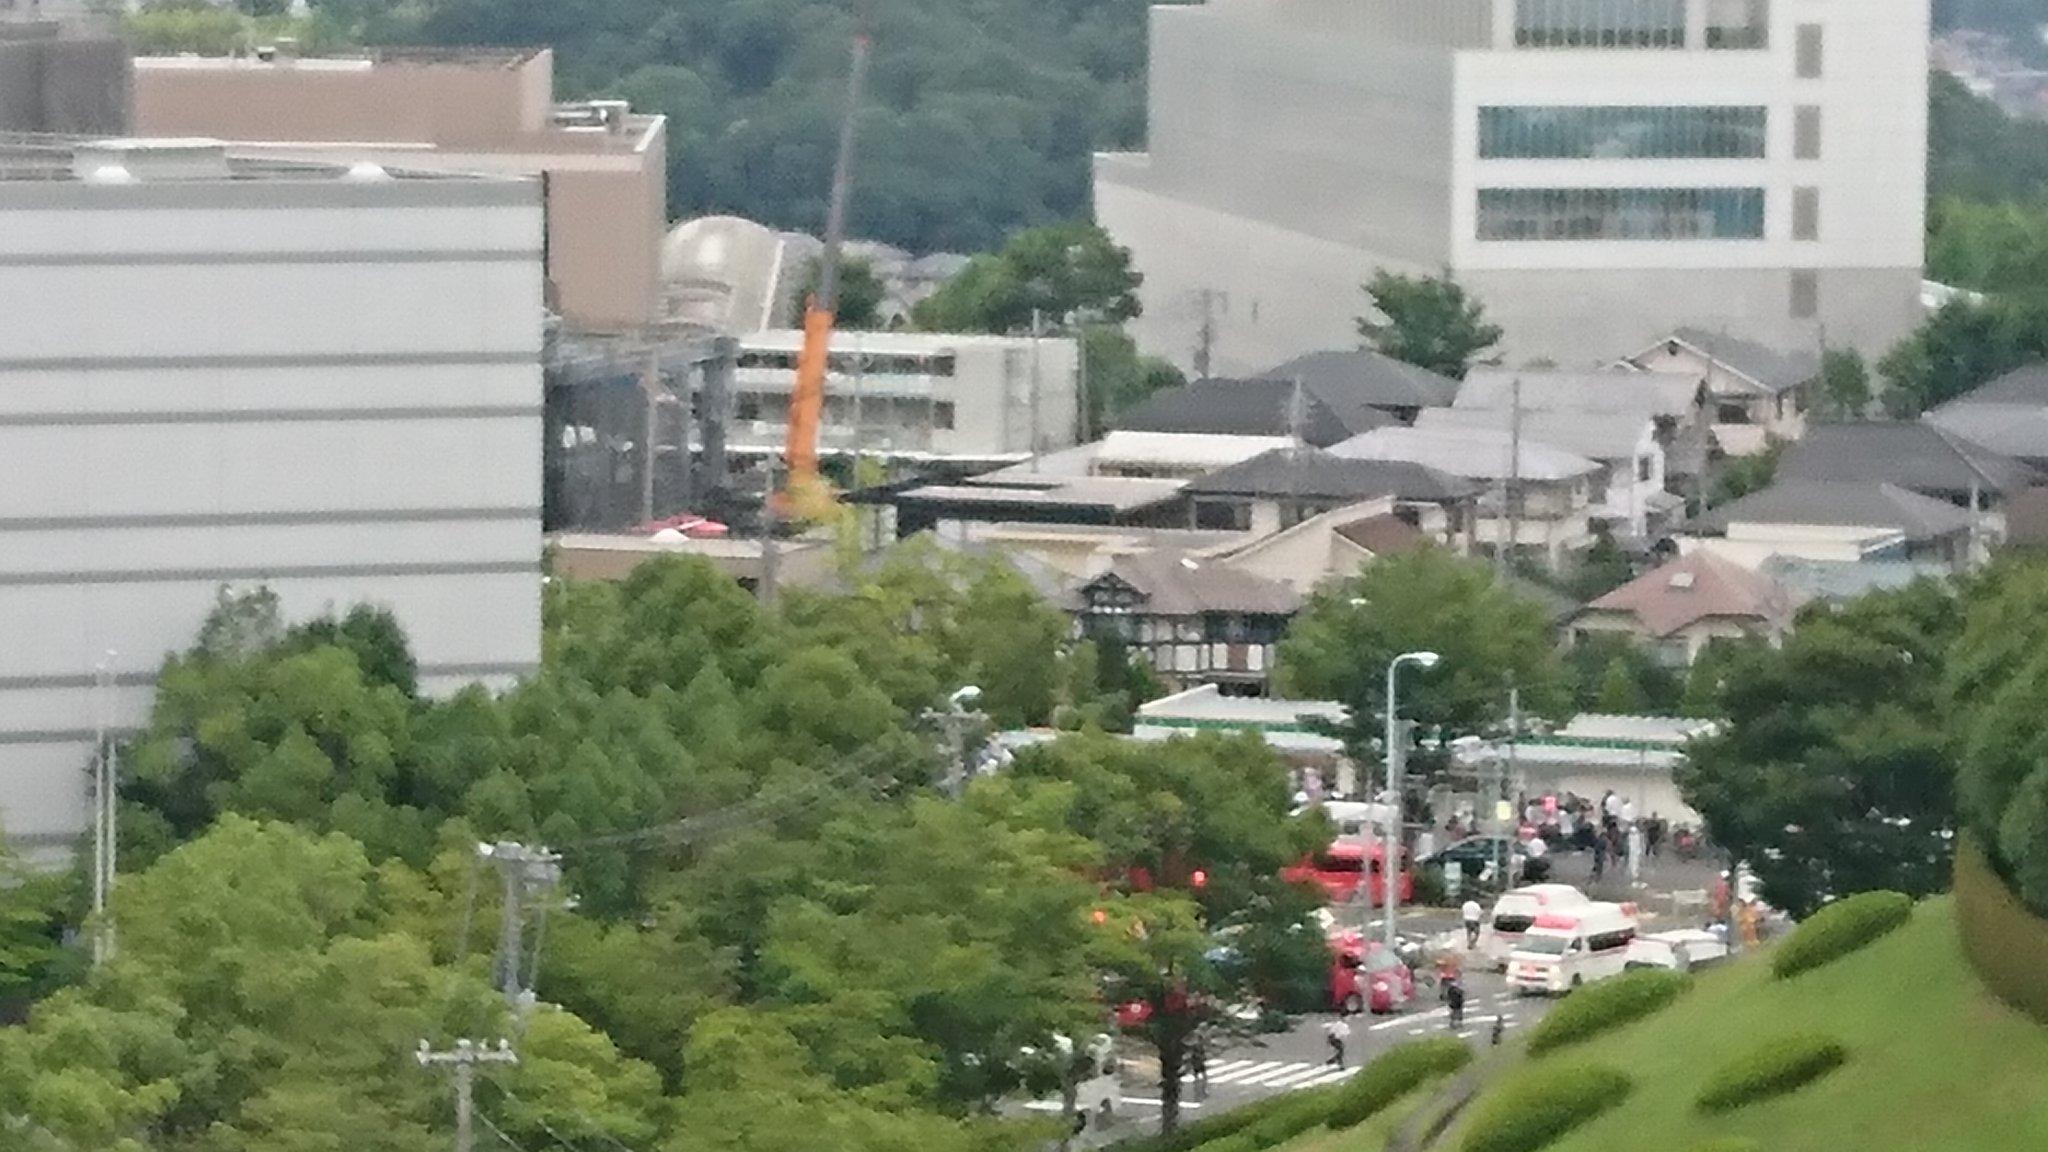 画像,唐木田で安藤ハザマが建築中のビジネスビルで火災。消化活動中。尾根間通行止め。地下の塗料が火元か?作業員さんたちの無事を祈る。 https://t.co/IMs2…